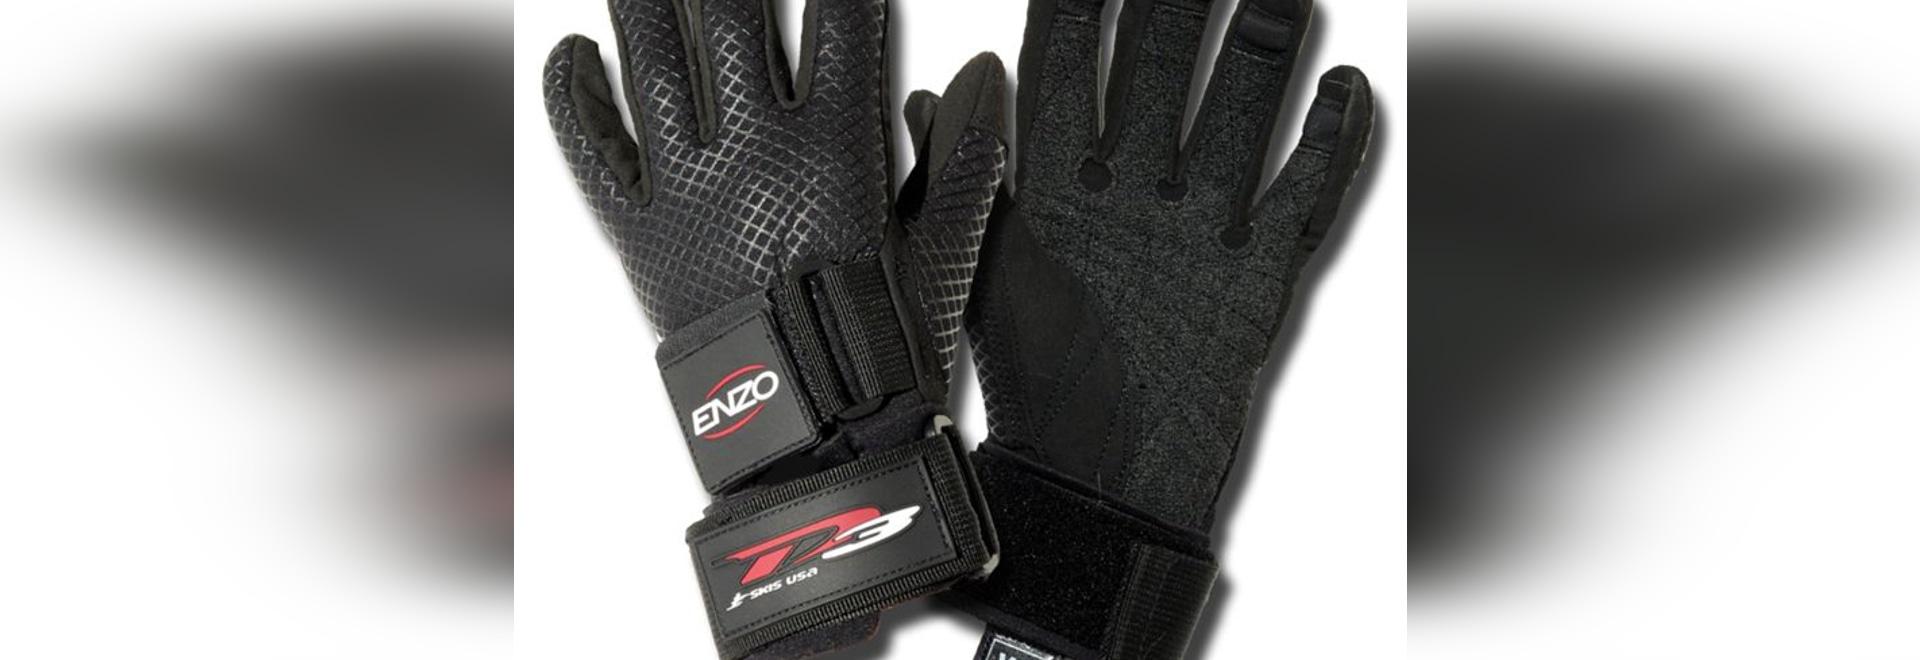 NEU: watersports Handschuh durch D3